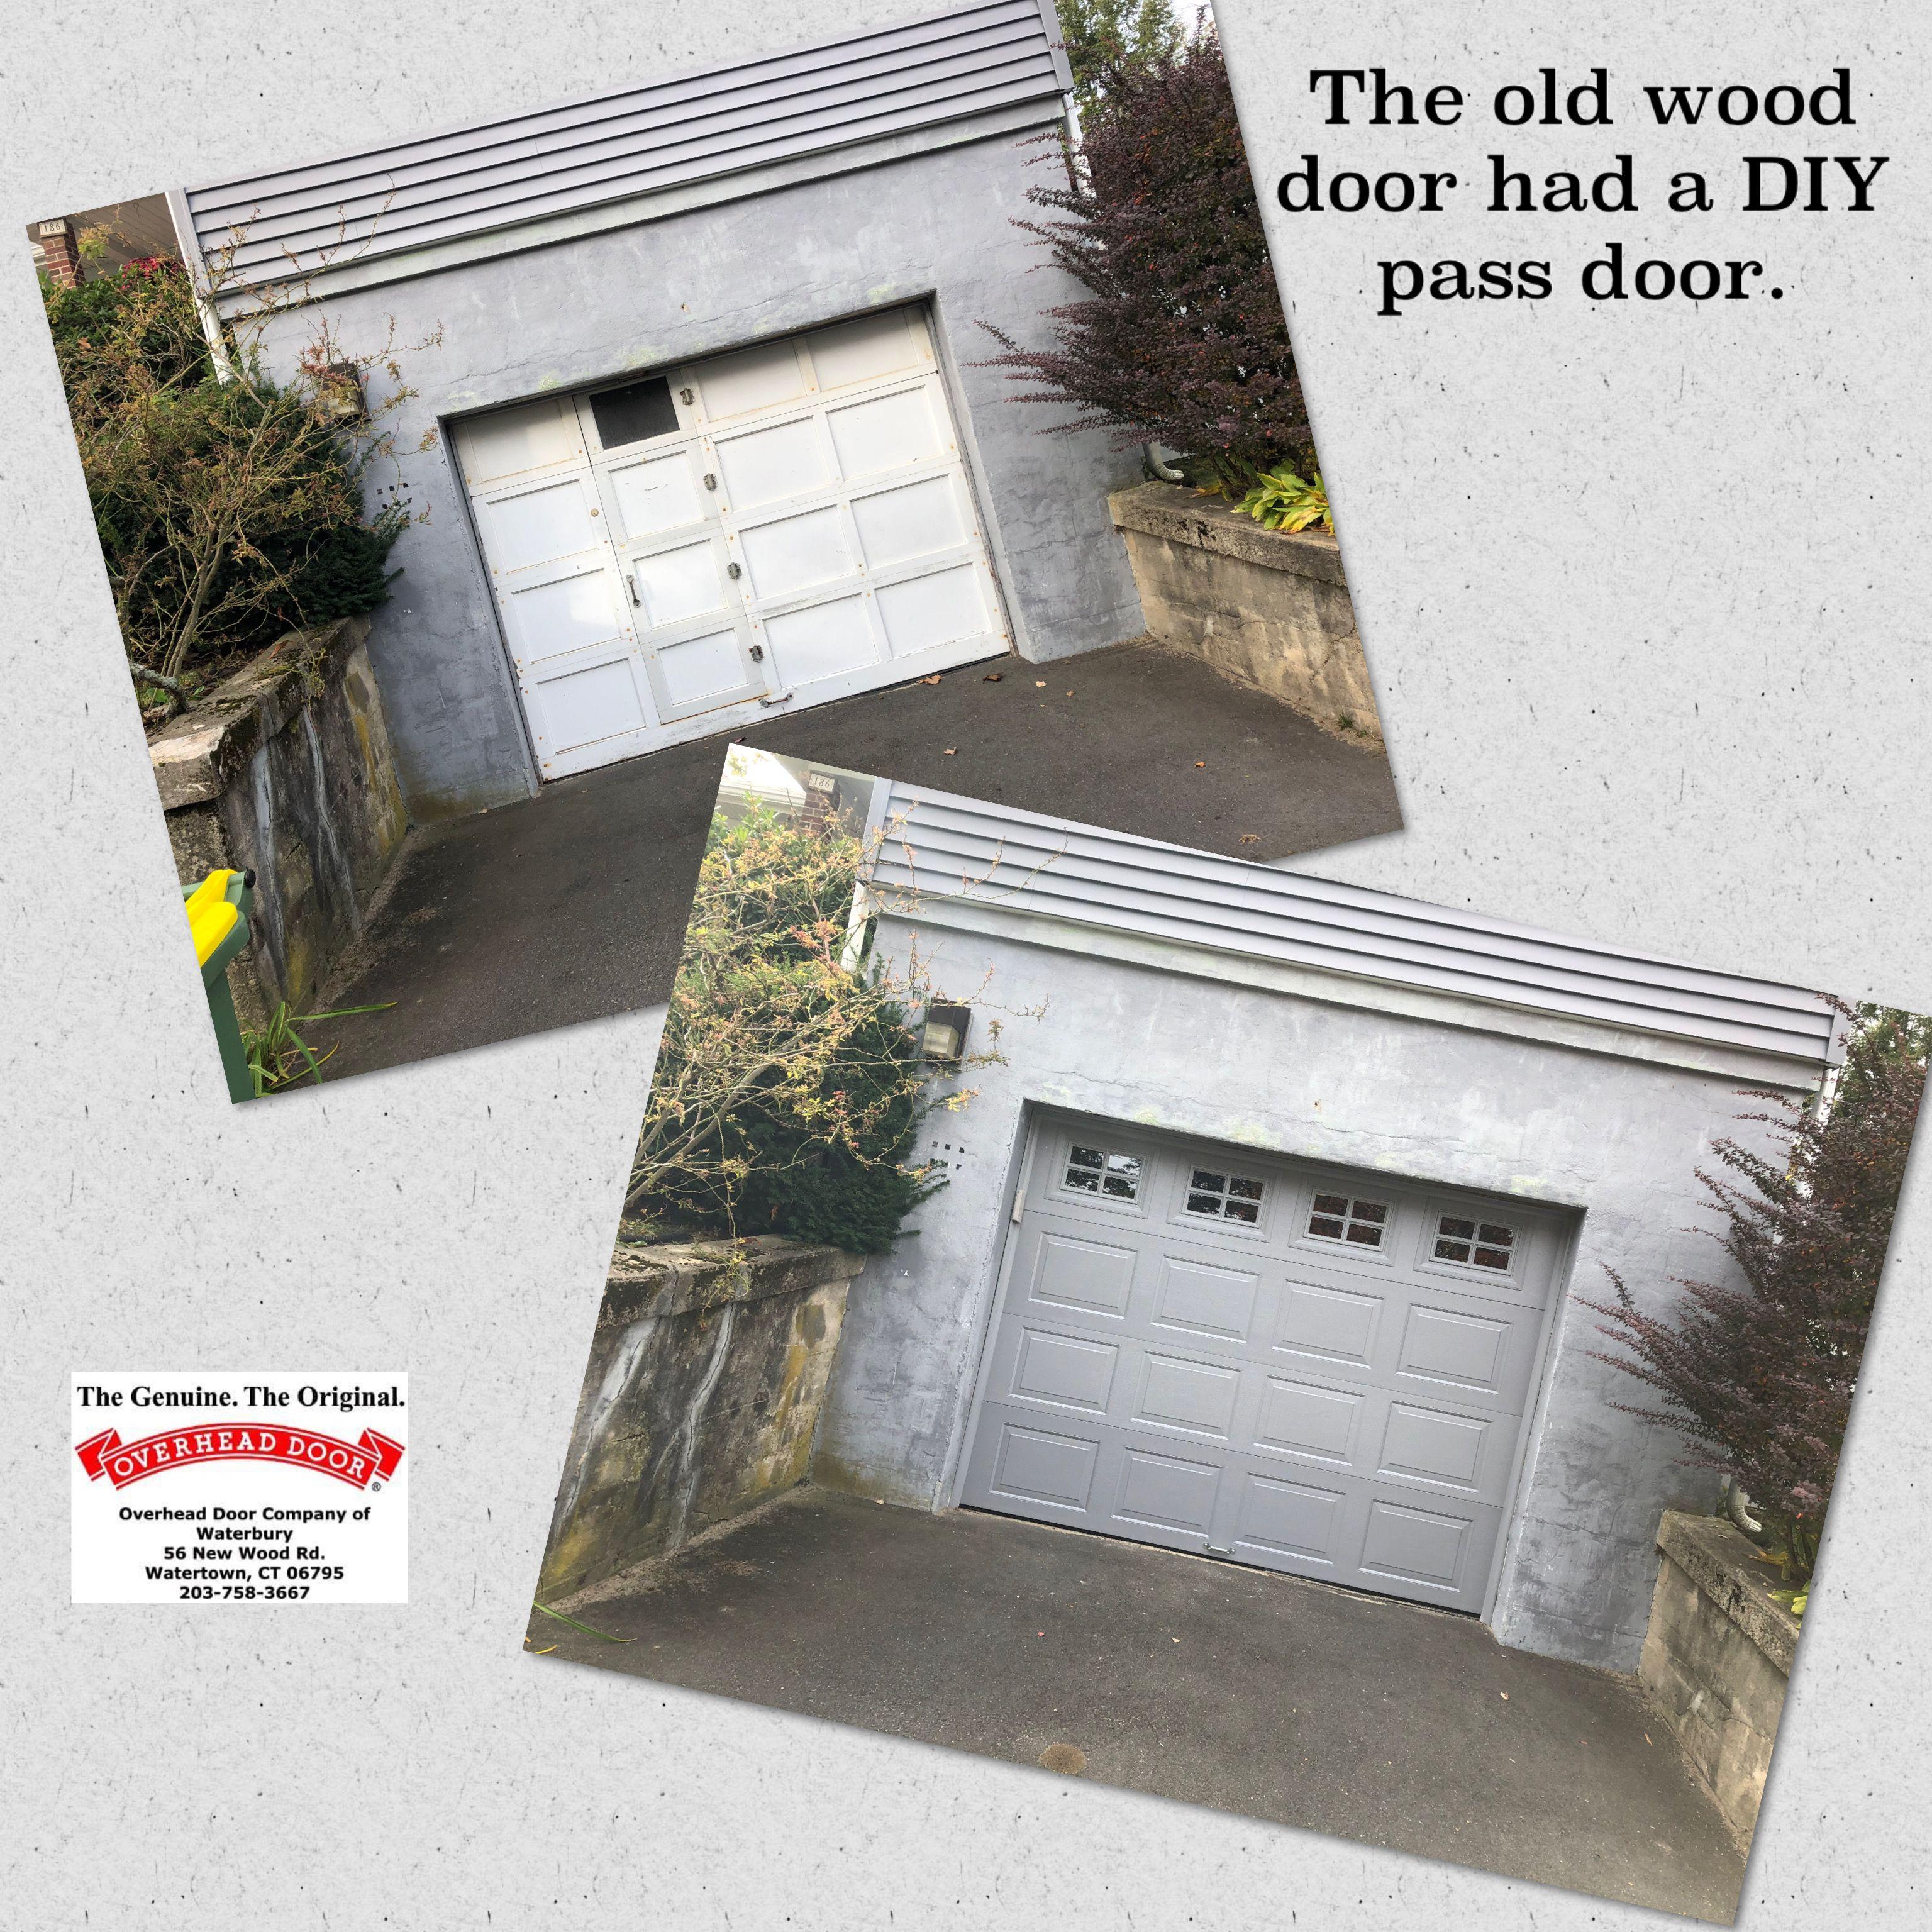 Pin By Overhead Door Company Of Water On Residential Doors Old Wood Doors Wood Doors Residential Doors